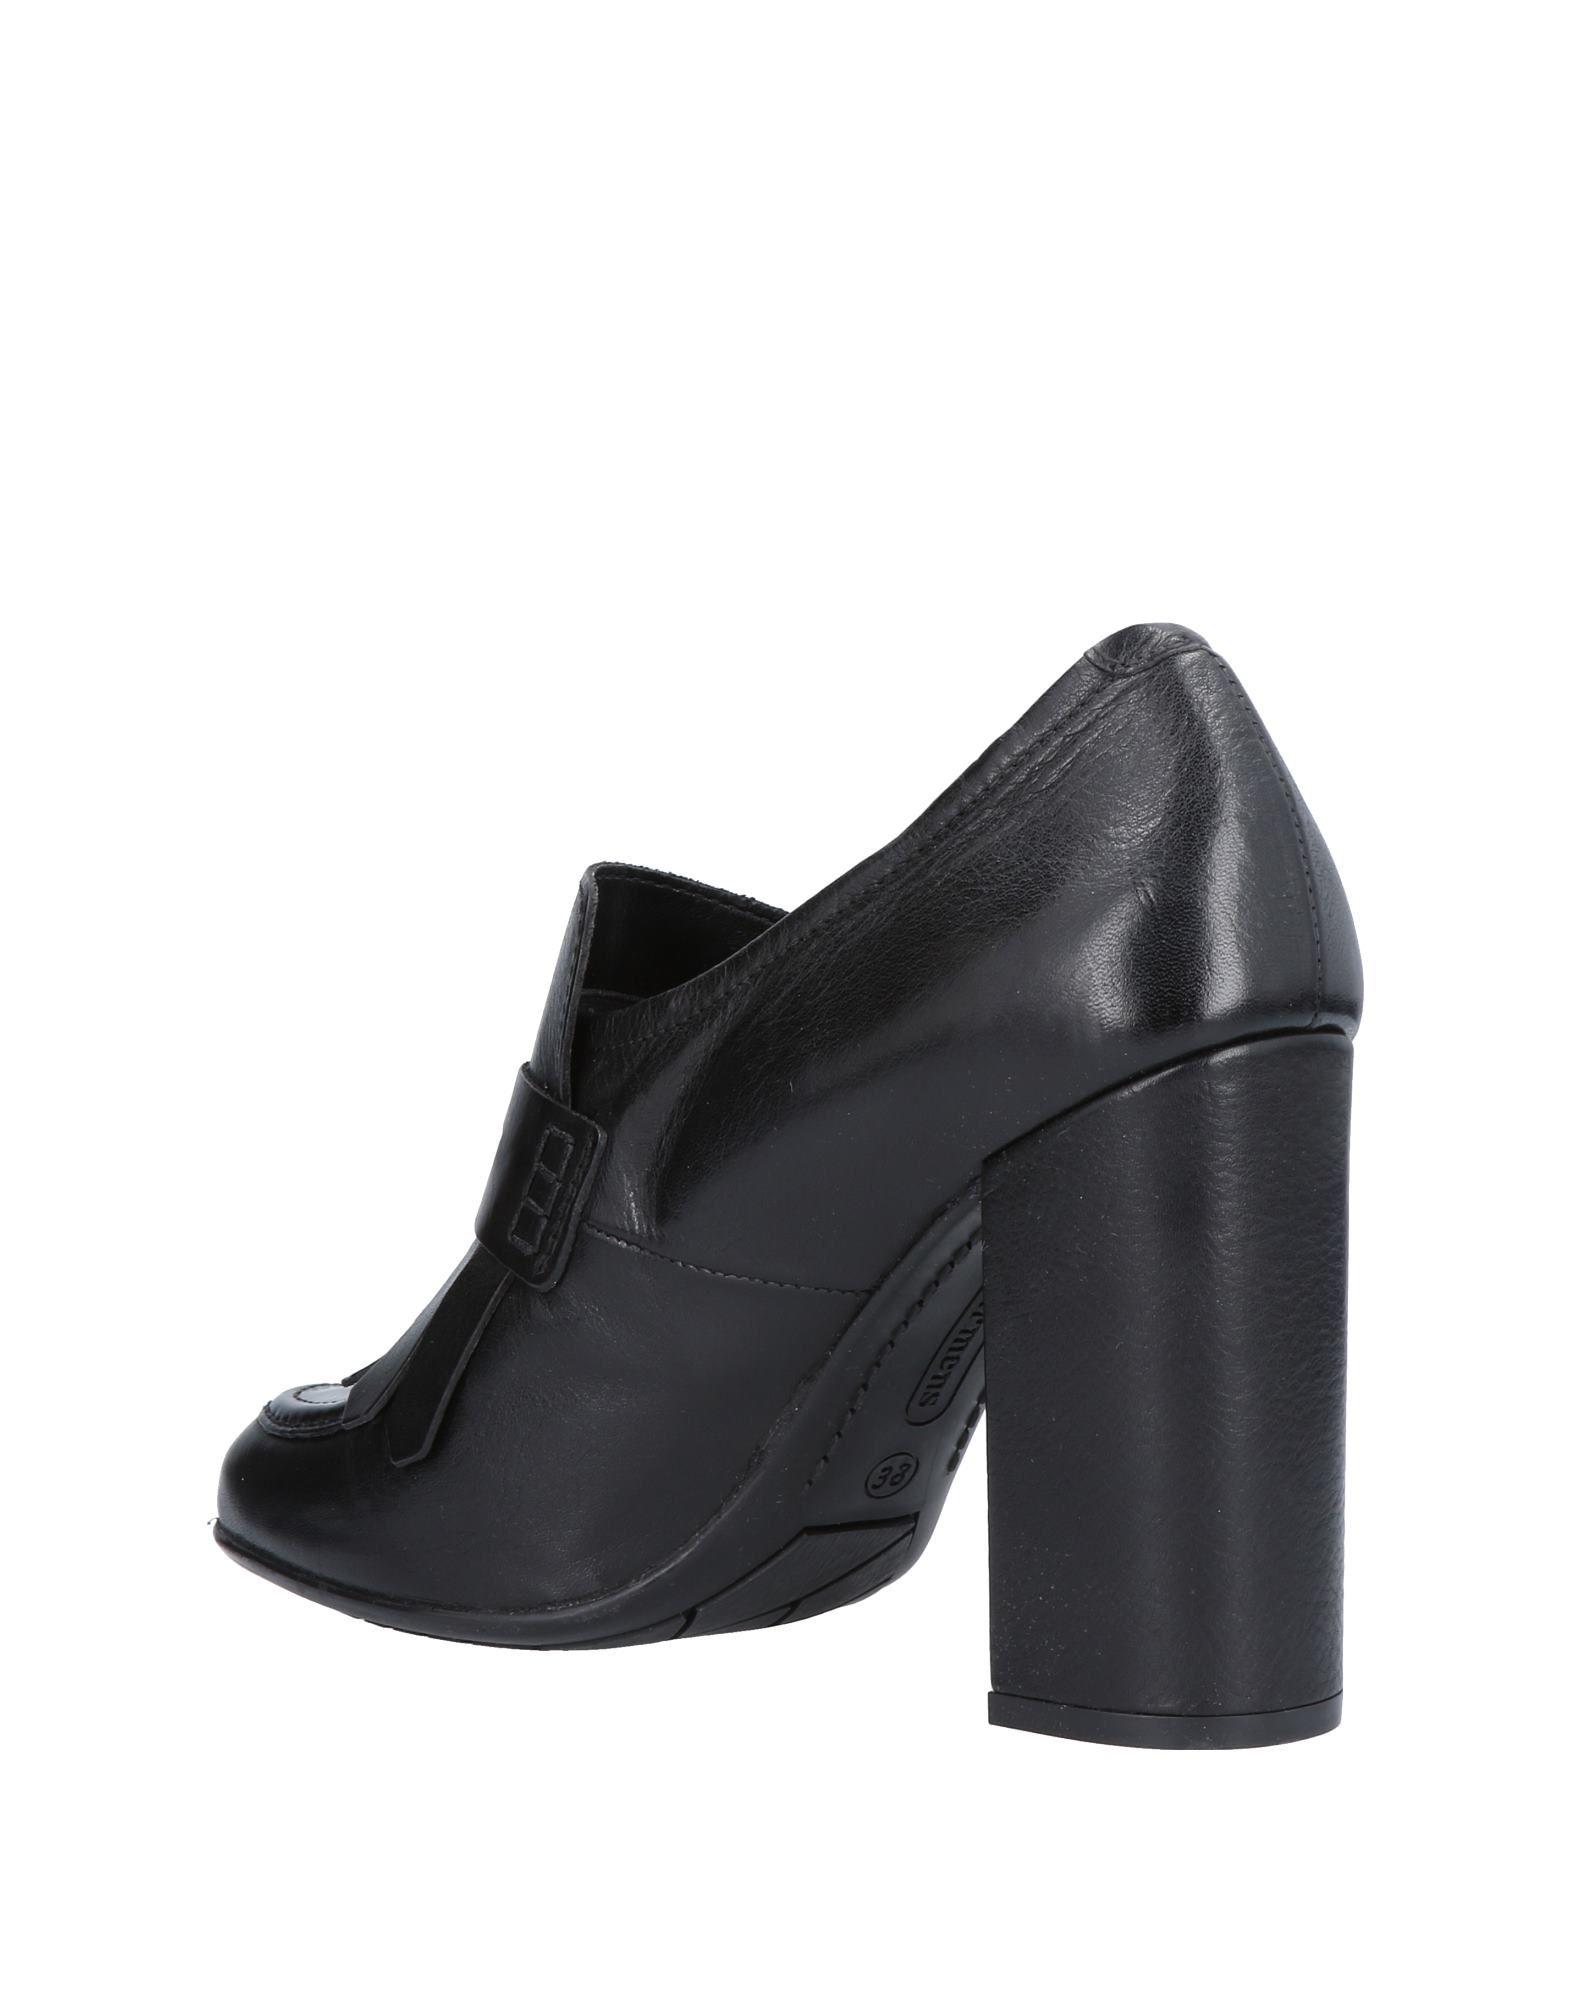 Carmens 11483411CE Mokassins Damen  11483411CE Carmens Gute Qualität beliebte Schuhe 49ec1b